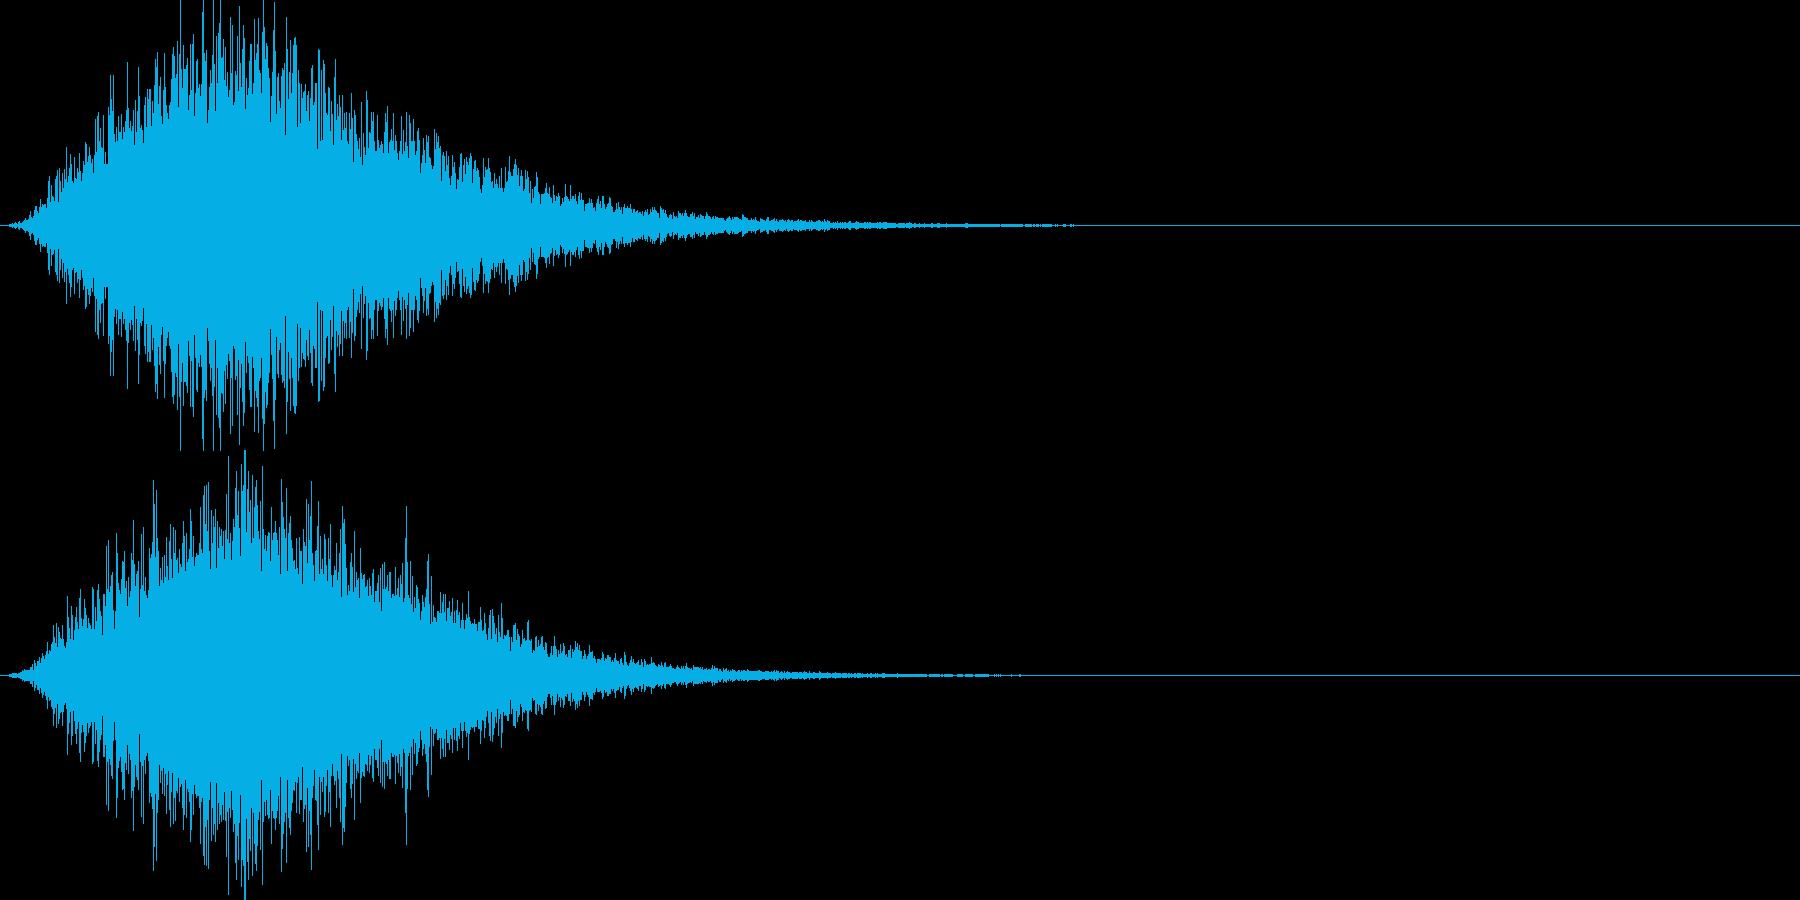 洞窟から聞こえる魔物の叫び声の再生済みの波形